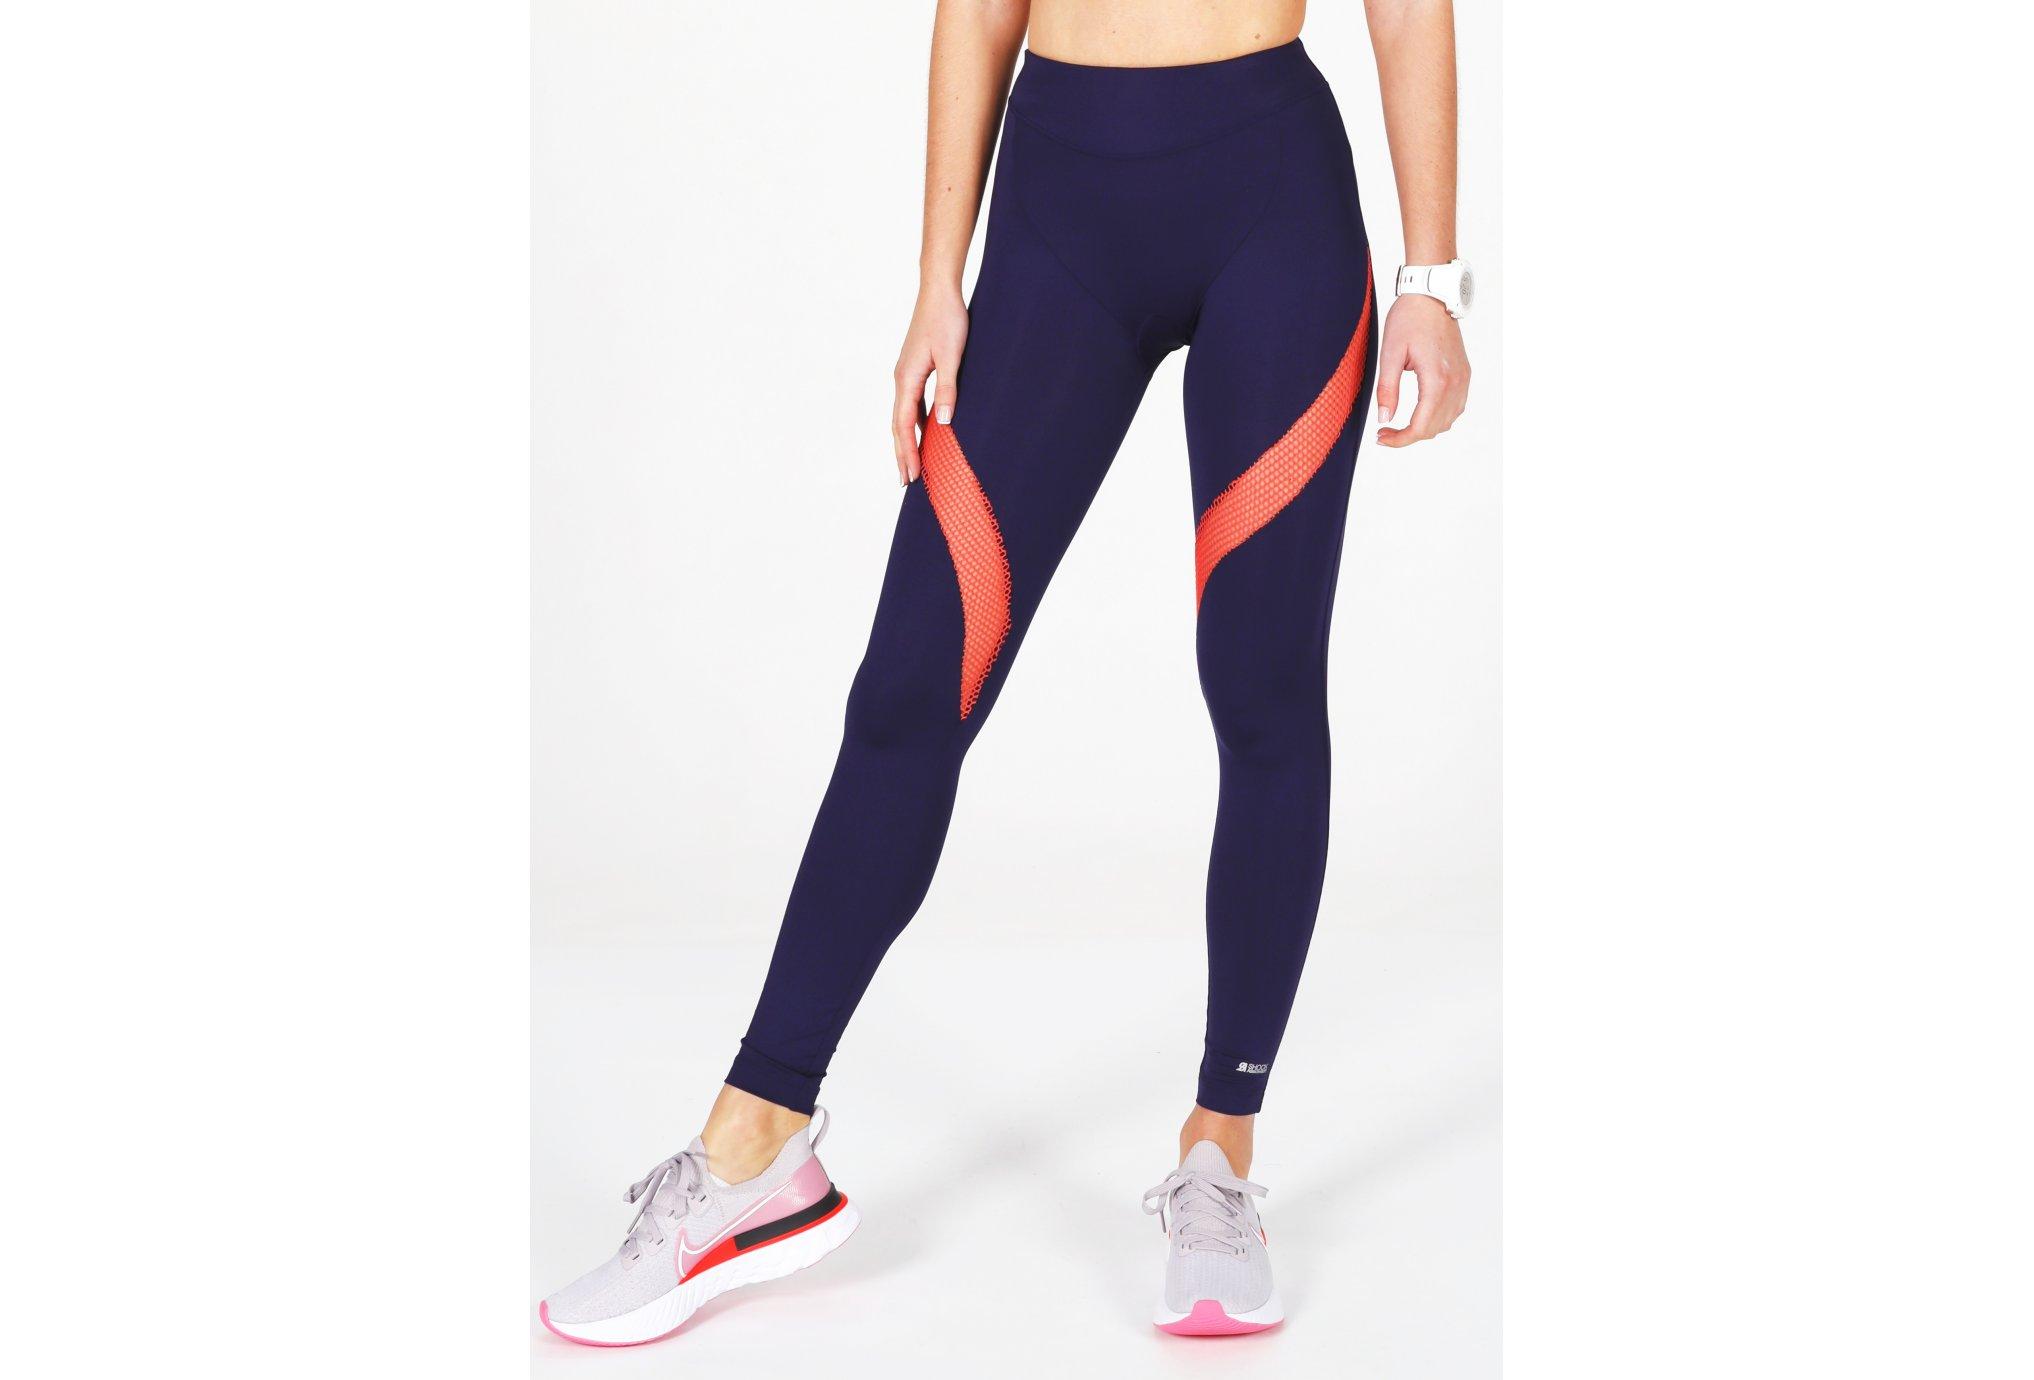 Shock Absorber Active W Diététique Vêtements femme